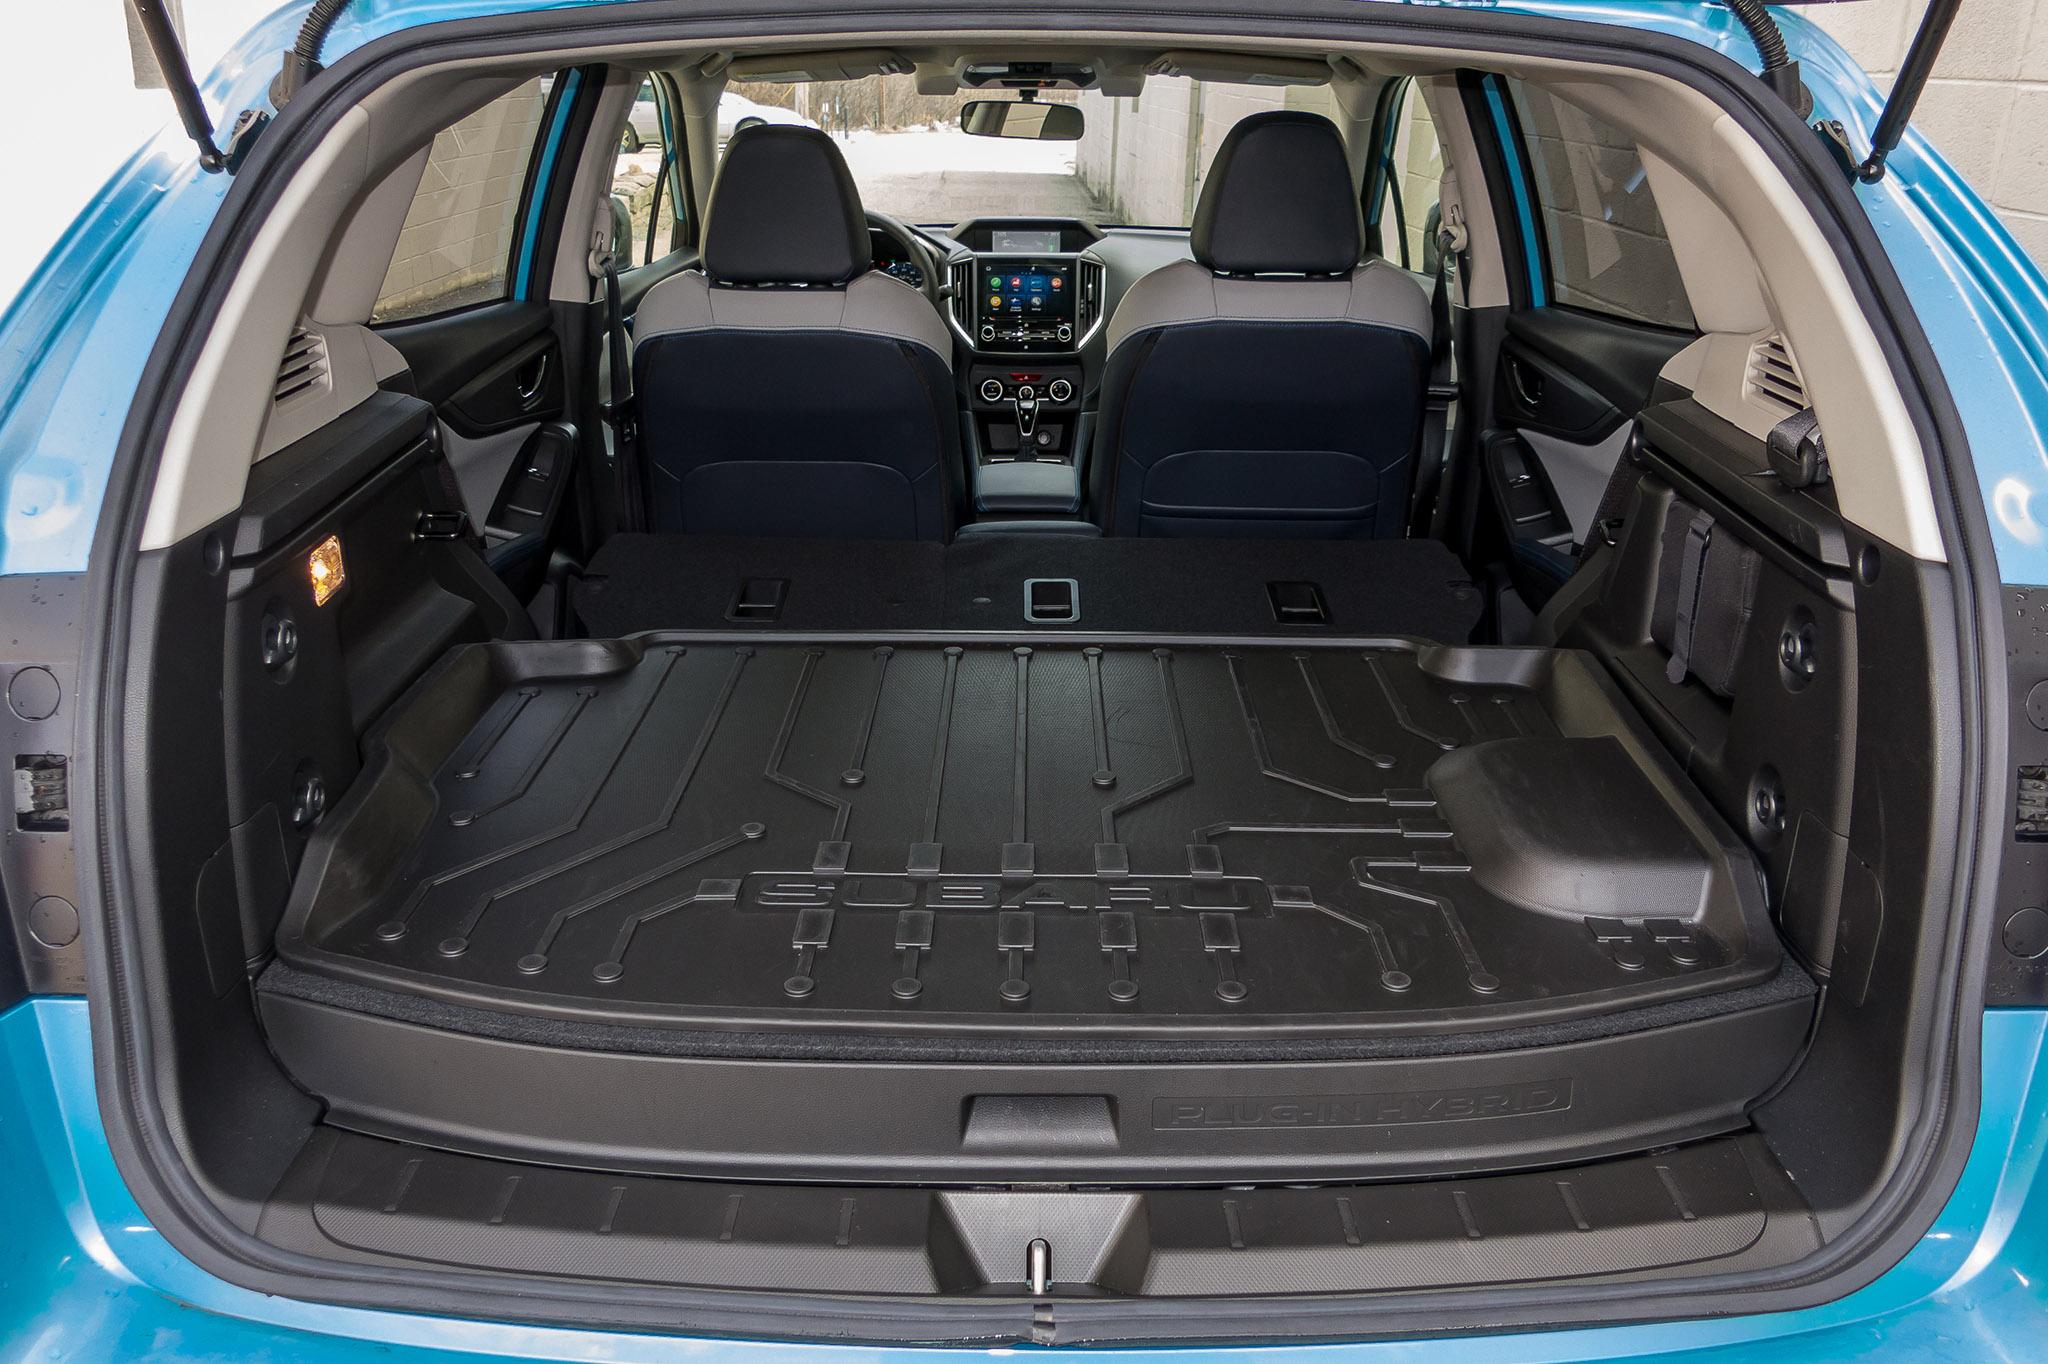 2019 Subaru Crosstrek Hybrid Review More Efficient Less